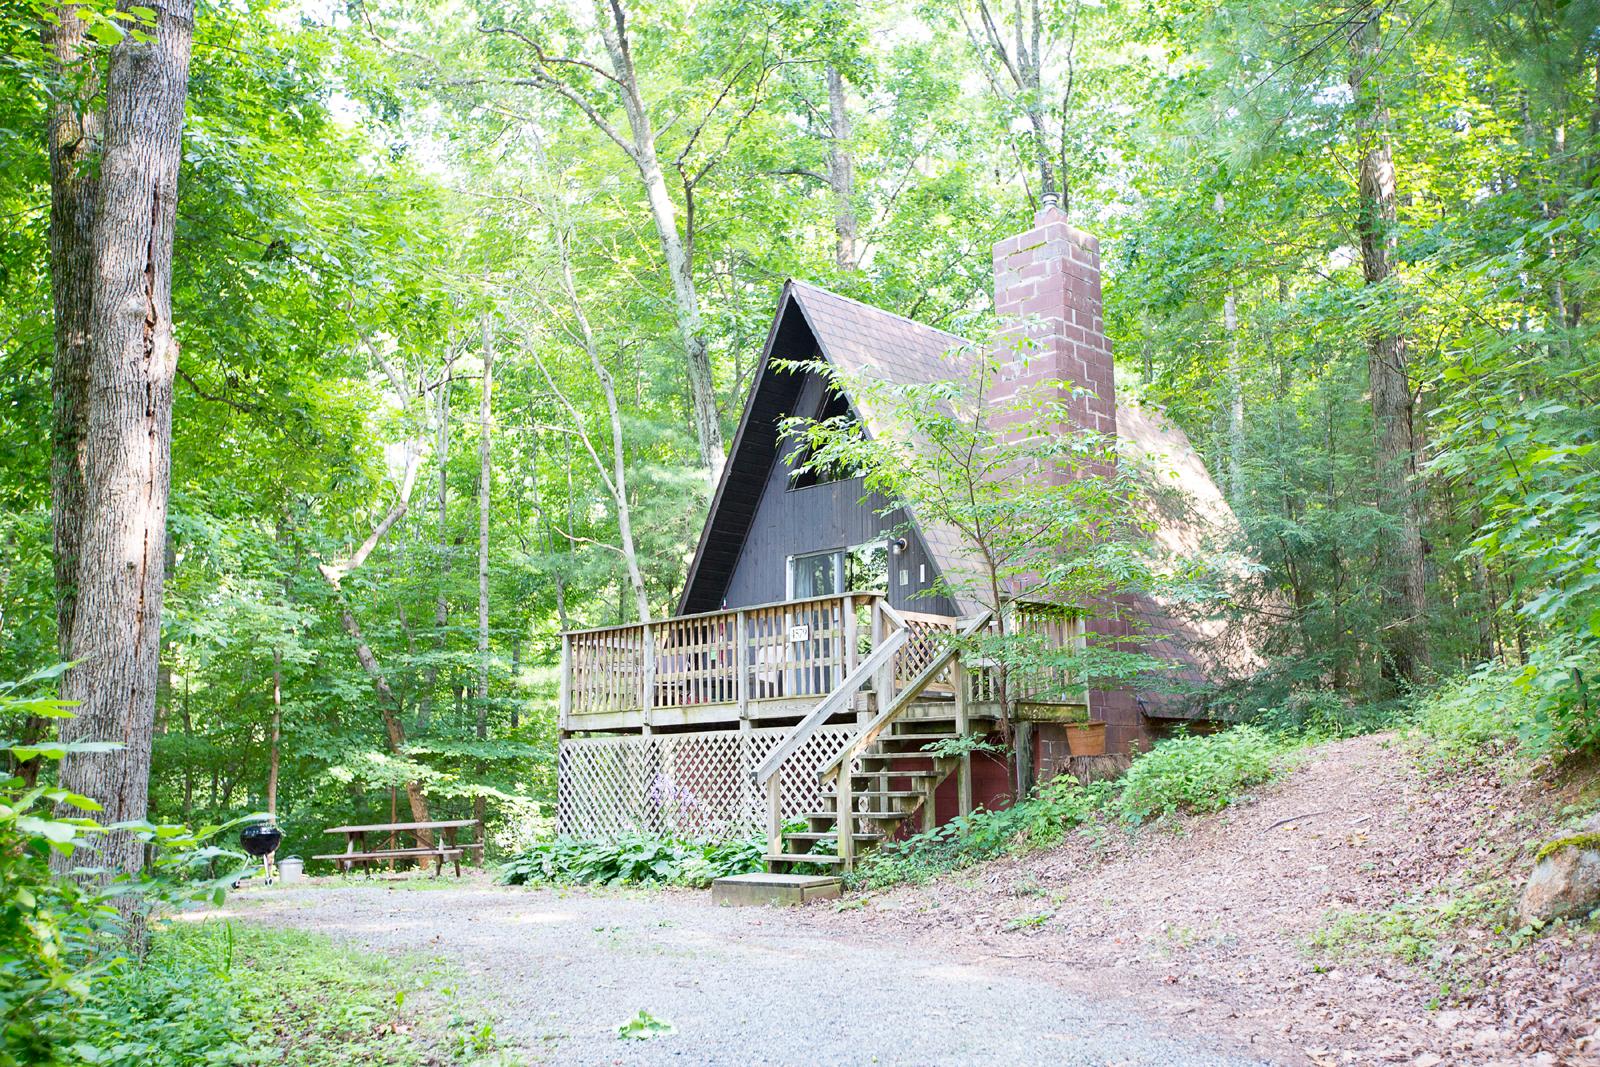 Cabins at Montfair Resort